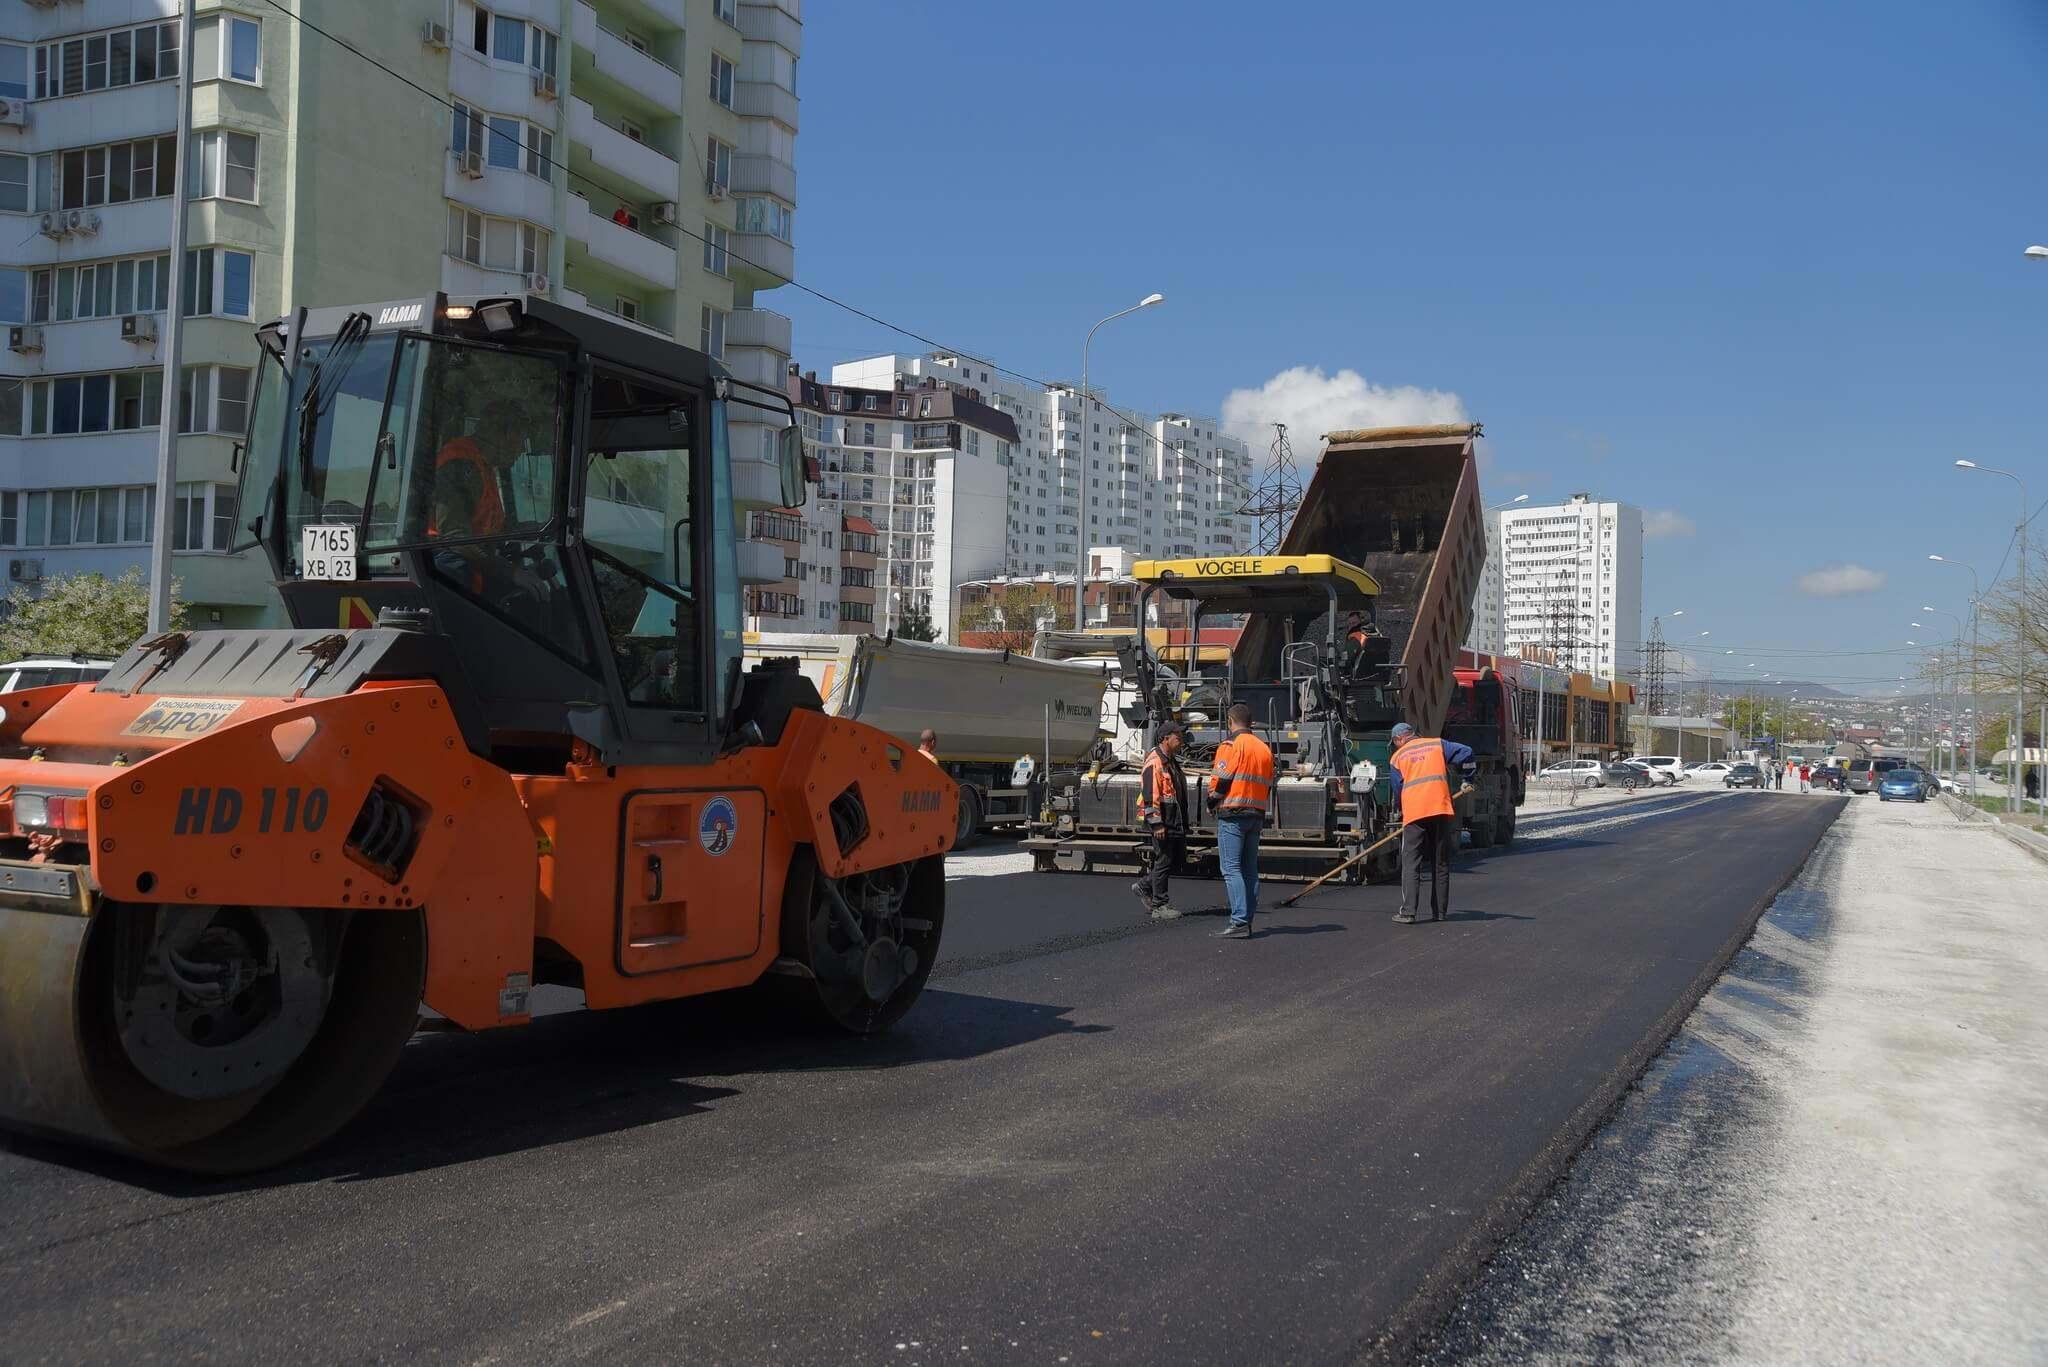 Комиссия проверила, хорошо ли в Новороссийске делают дороги по нацпроекту